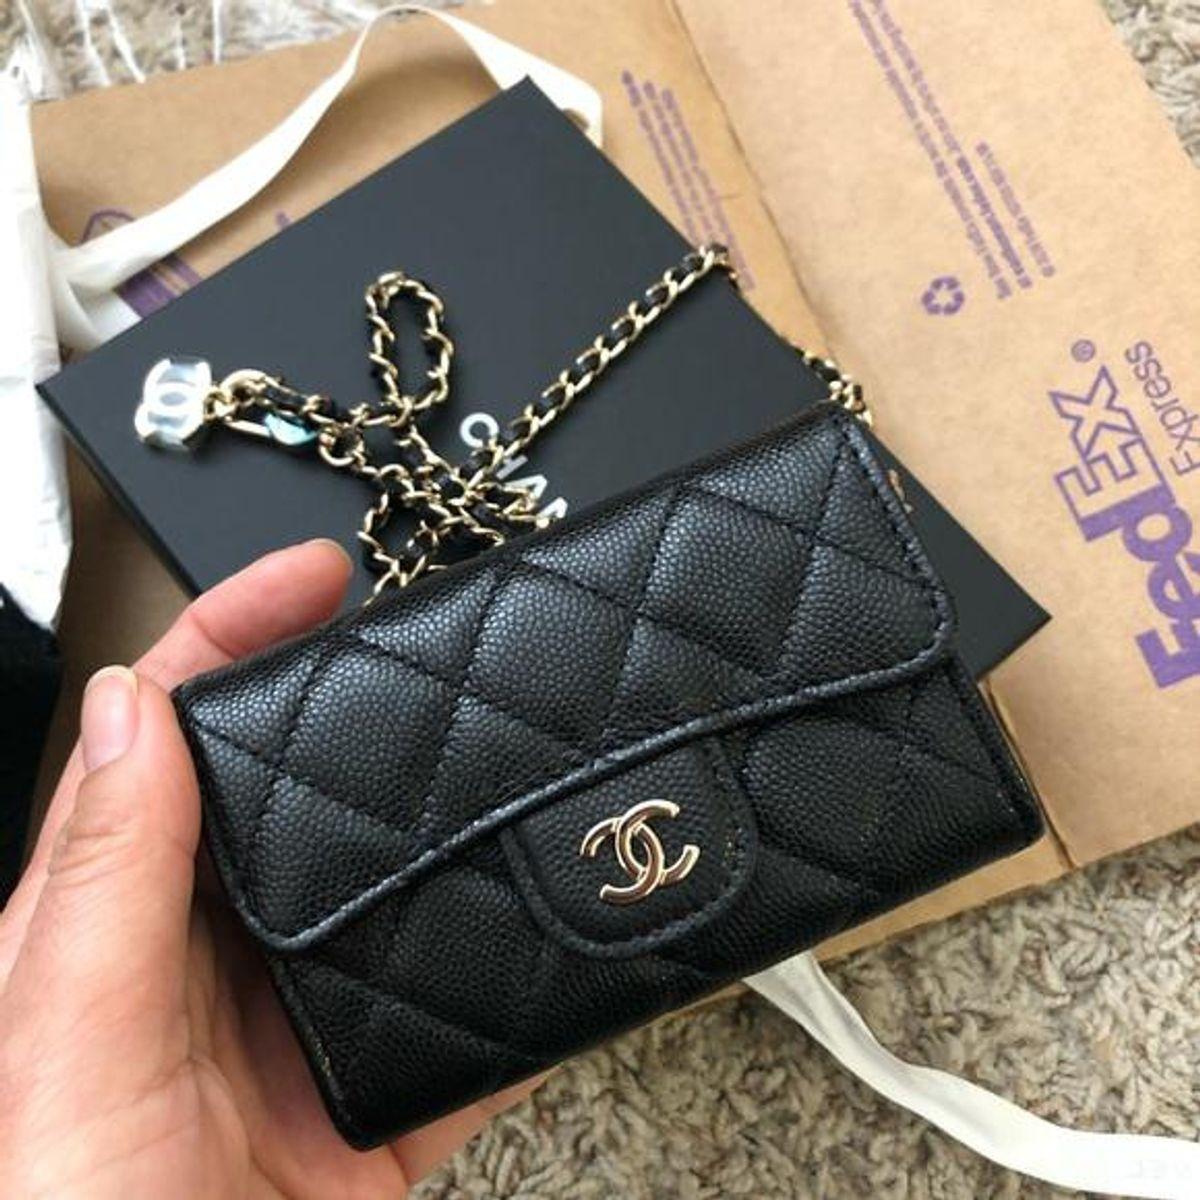 BNIB 21P Belt Bag